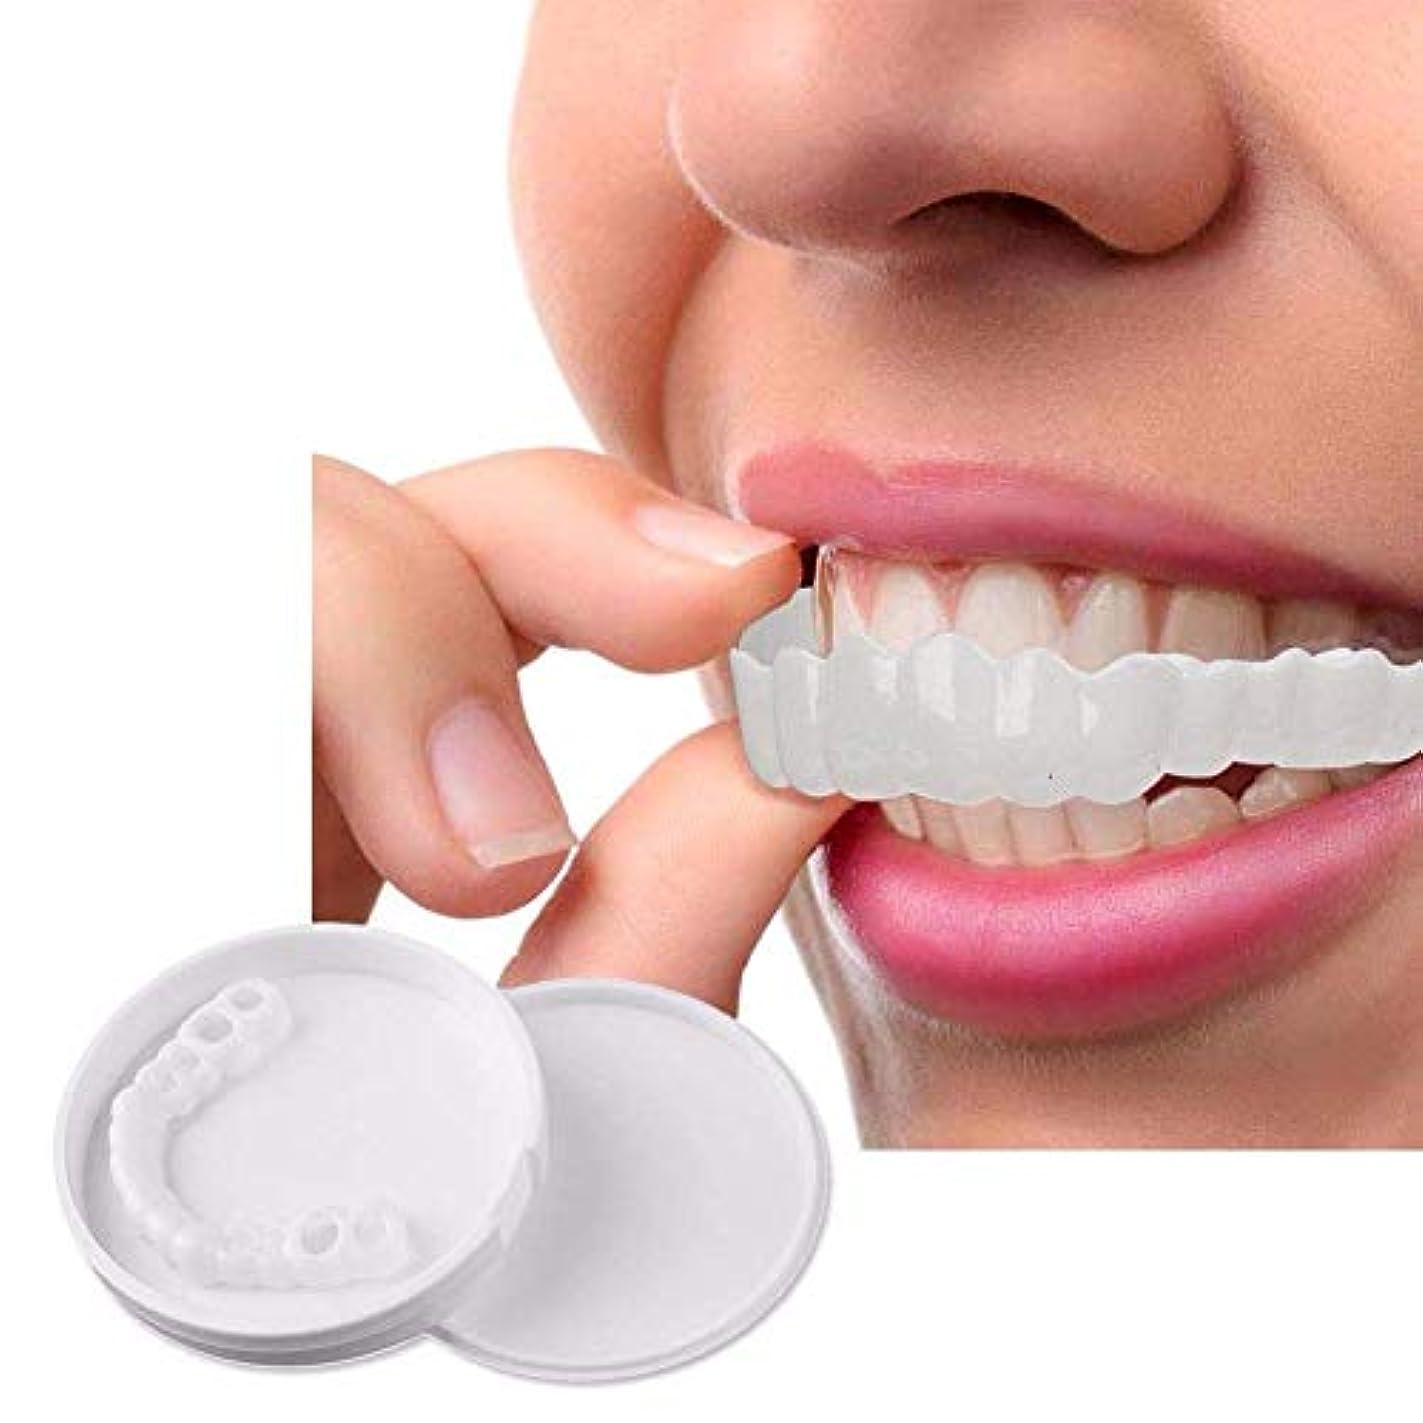 宮殿盗賊一杯10ピースホワイトニングスナップオンスマイルパーフェクトスマイルフィット最も快適な義歯ケア入れ歯歯科カバーでボックス,Upperteeth5Lowerteeth5Pcs